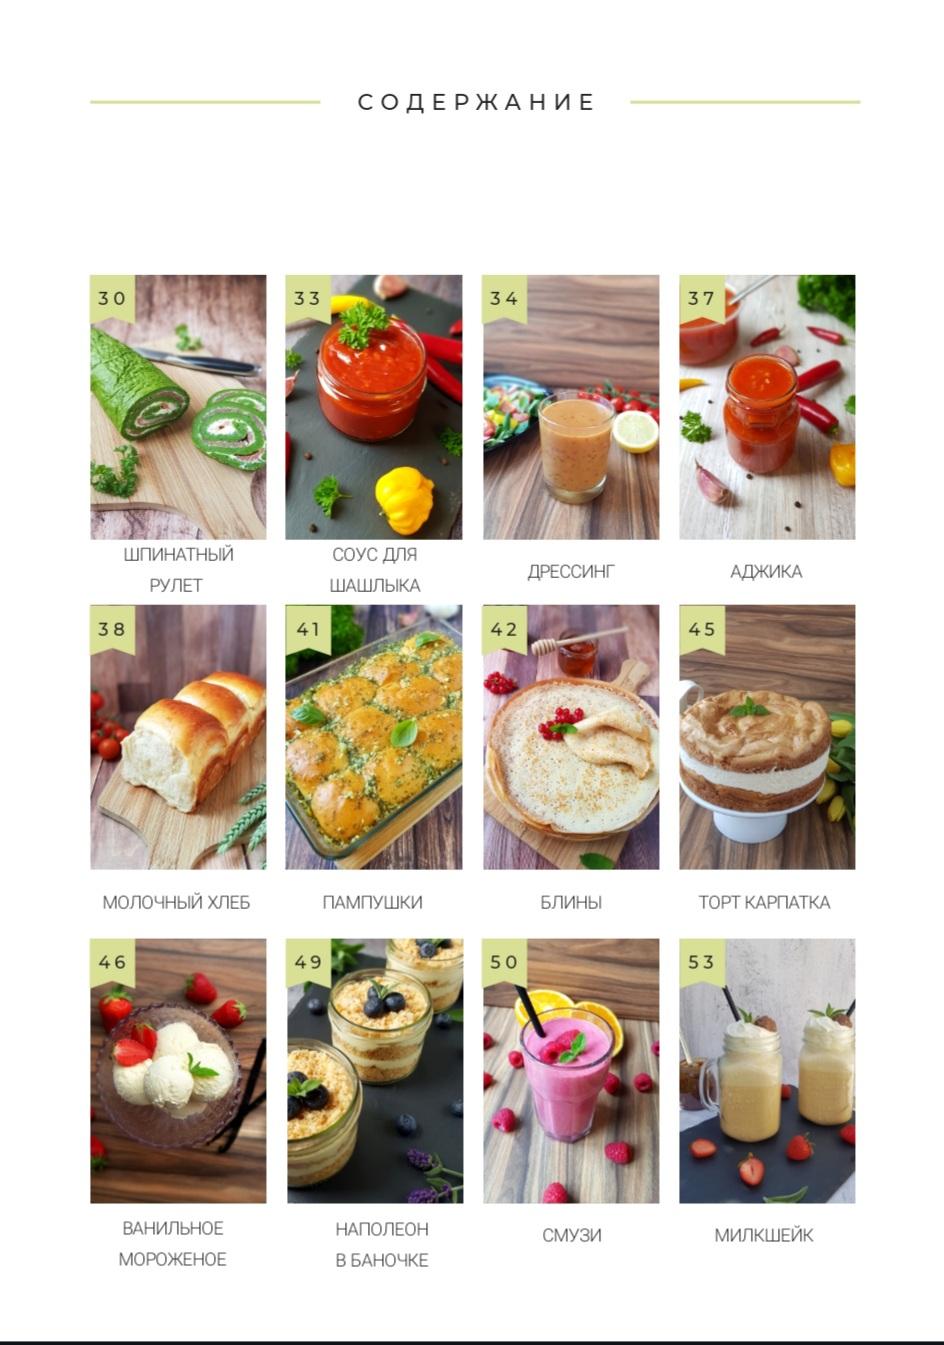 Кулинарное ASSORTI: Russische Rezepte mit dem Thermomix® by Natalja Wischnewski